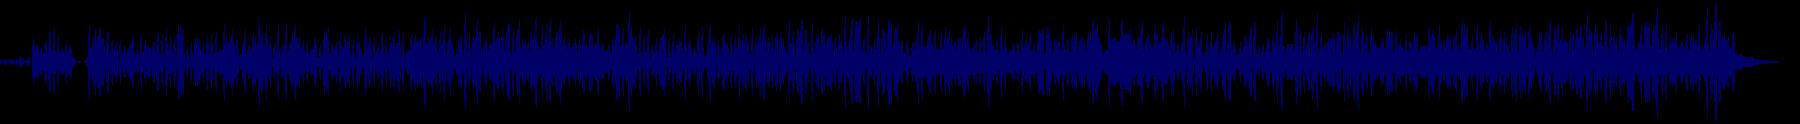 waveform of track #71789